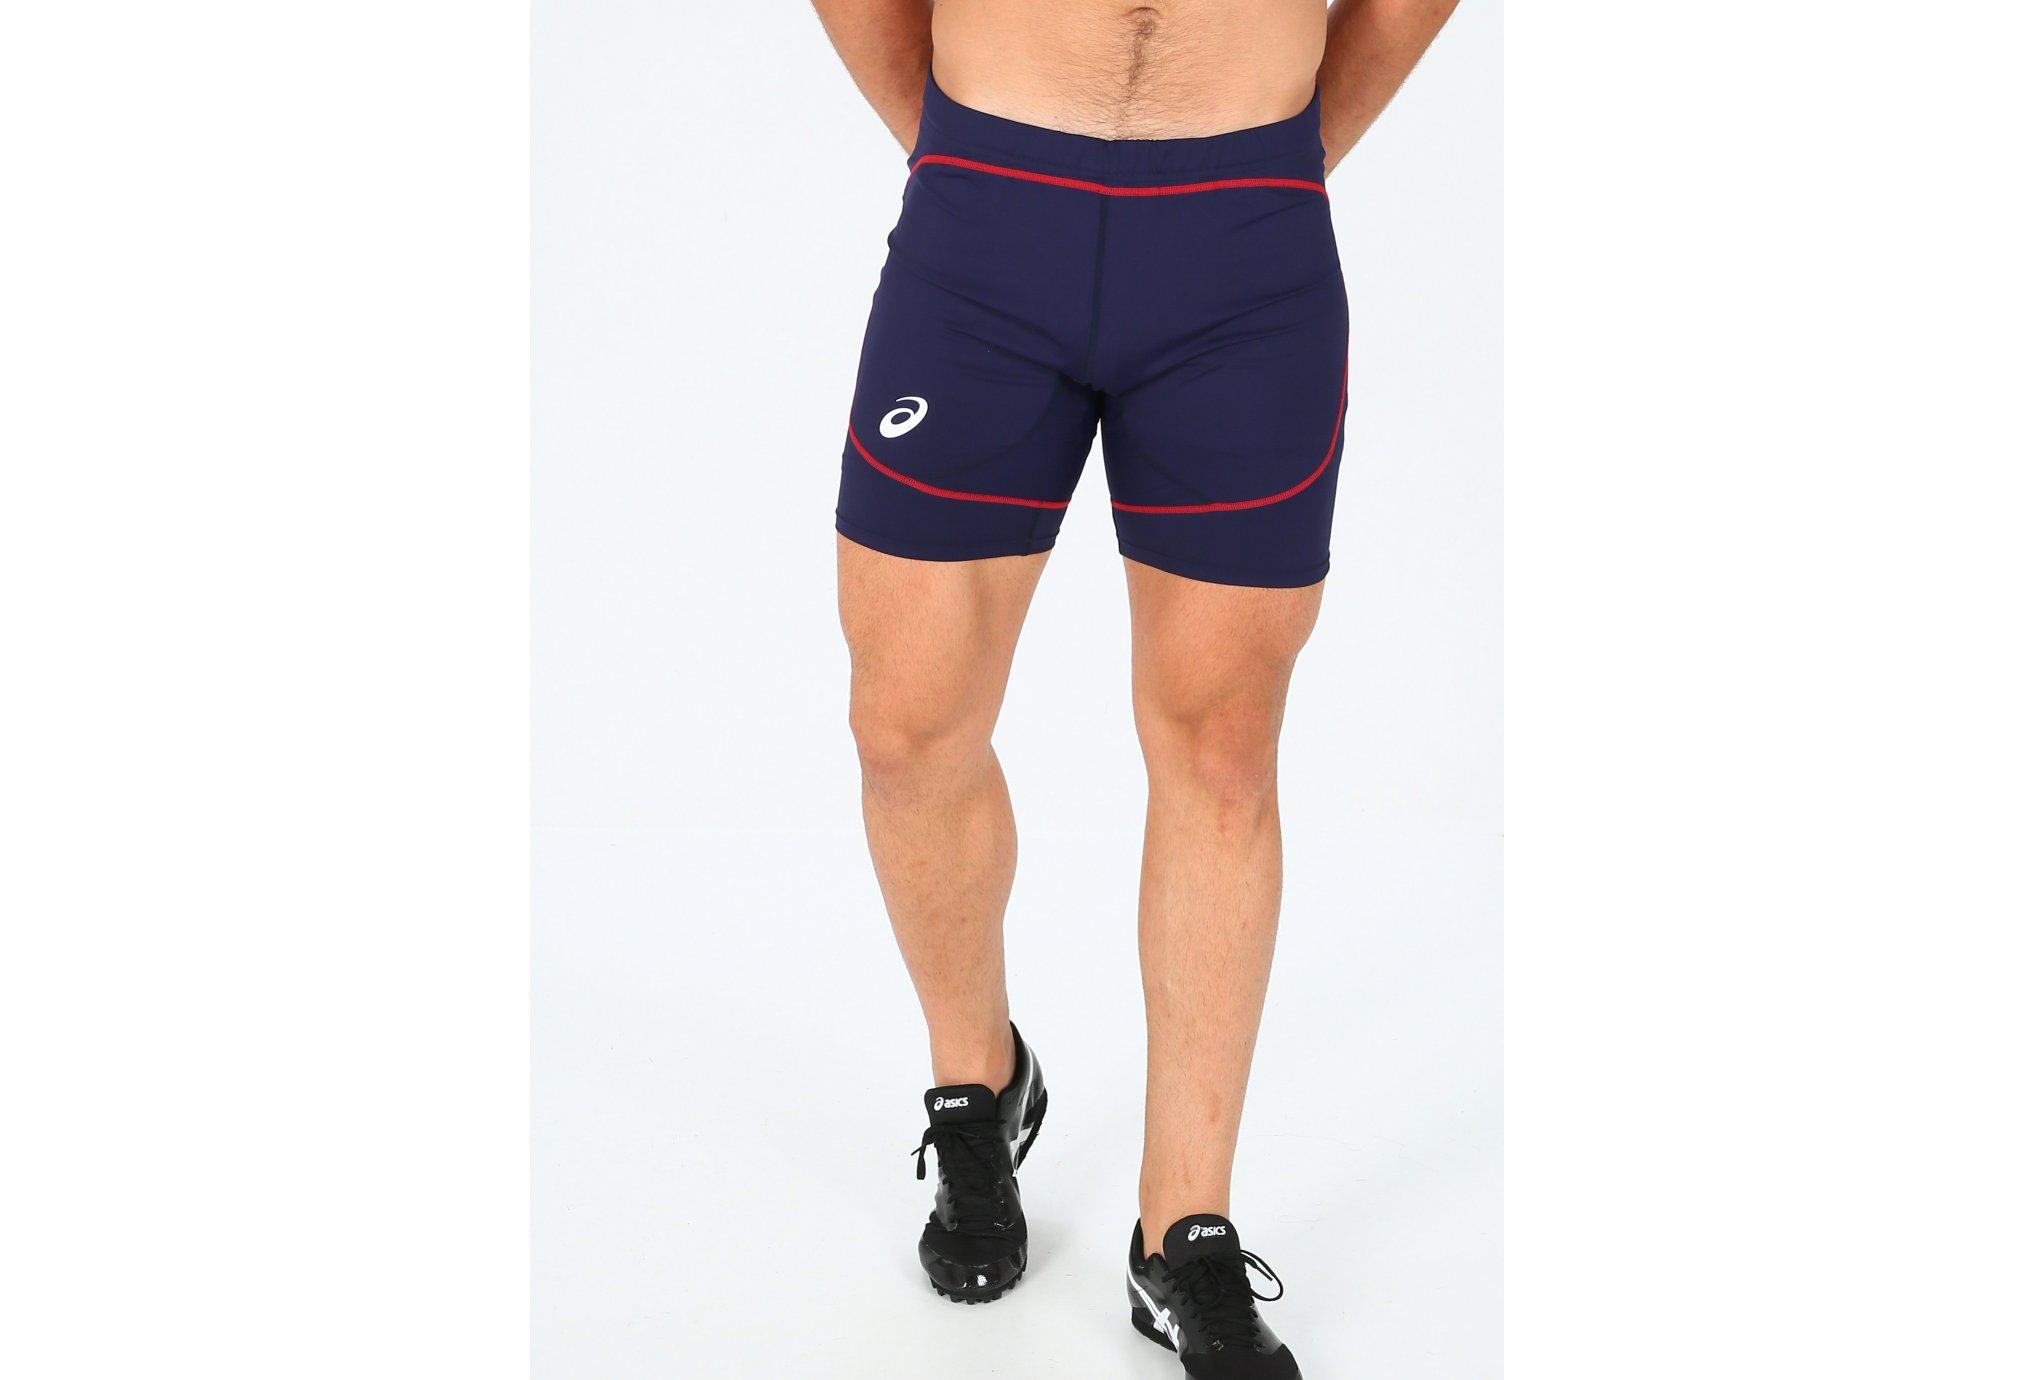 Asics T&F Sprinter Équipe de France M vêtement running homme